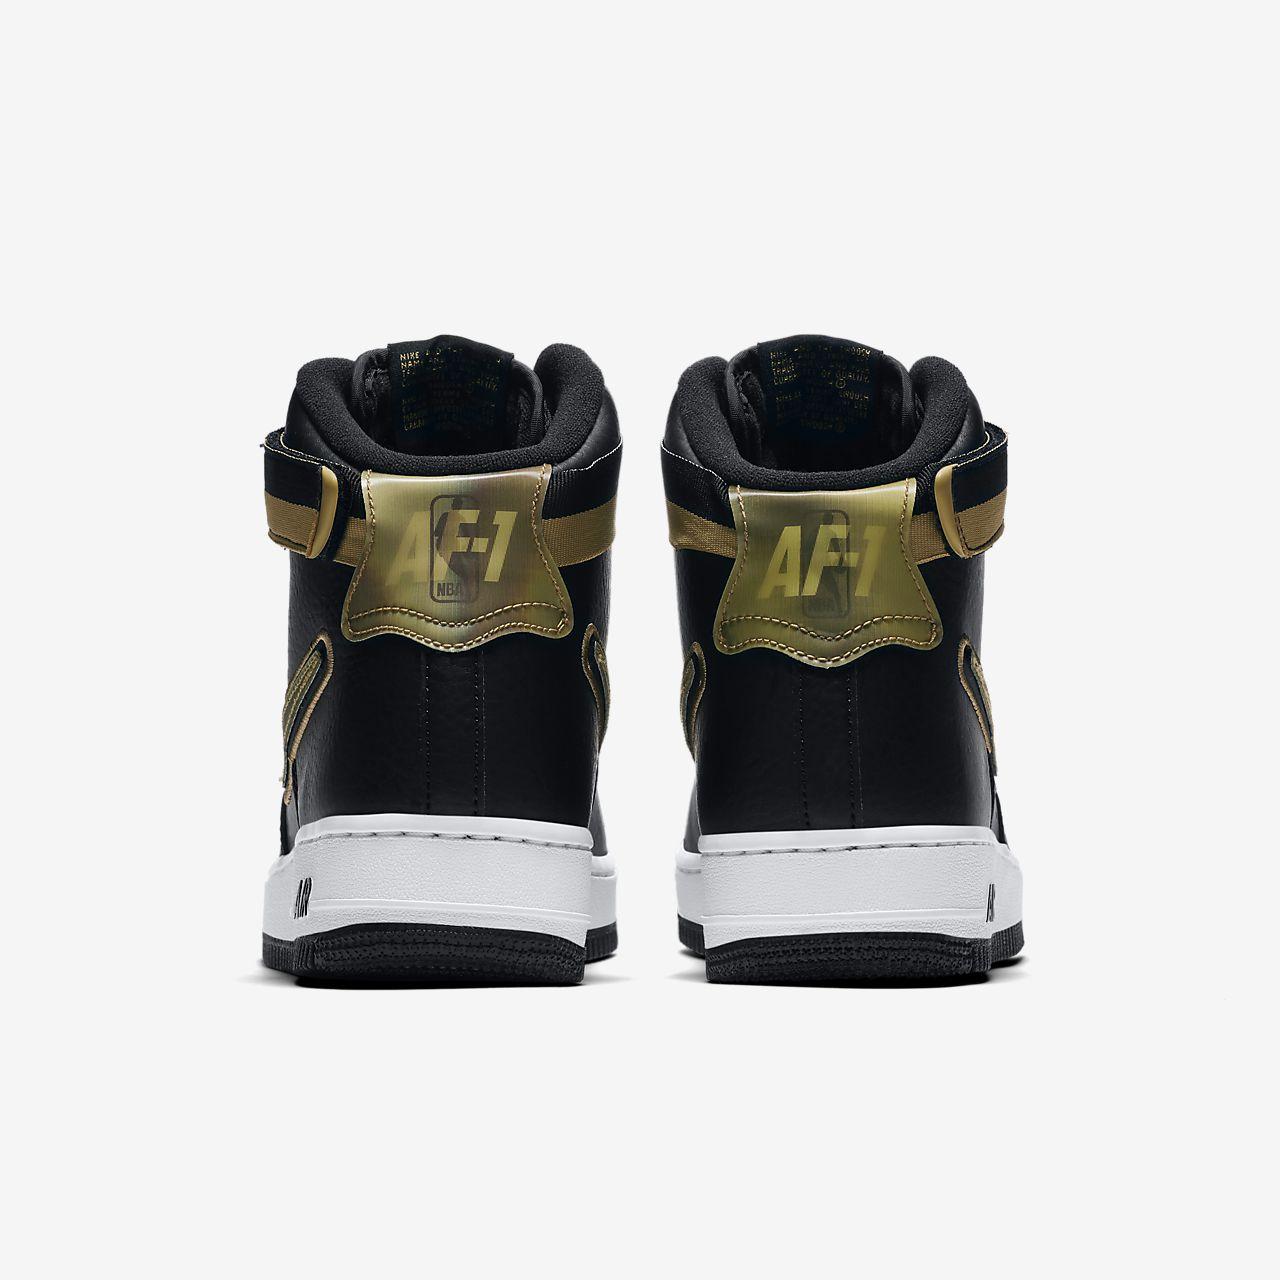 quality design 196c1 af430 ... Nike Air Force 1 High  07 LV8 Sport NBA Men s Shoe